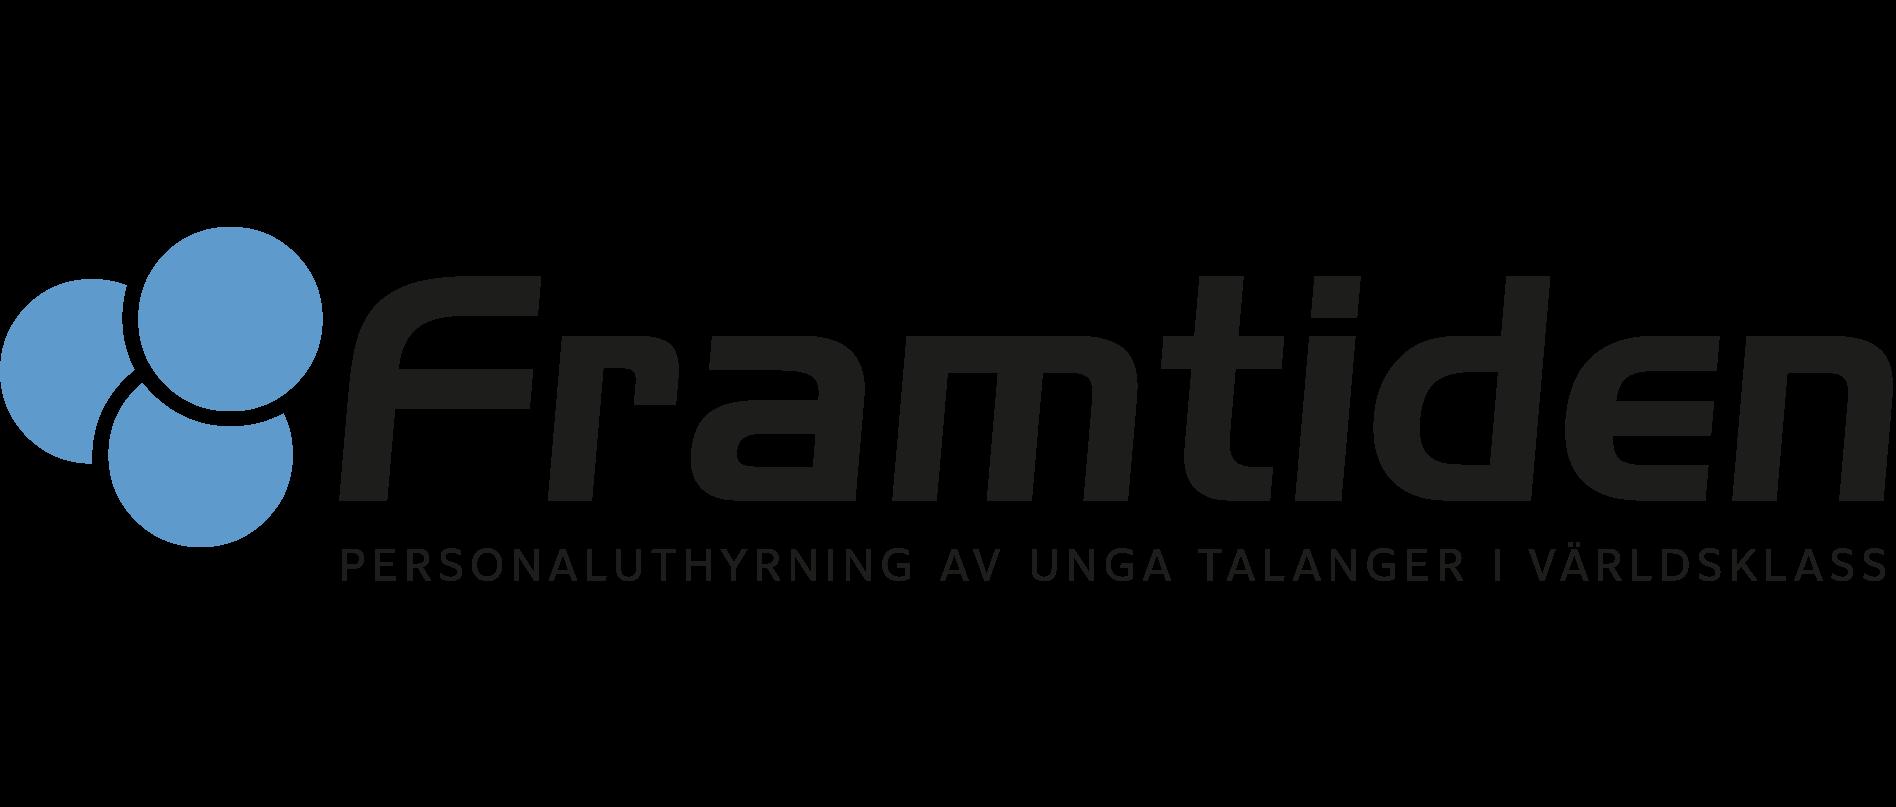 Framtiden logo